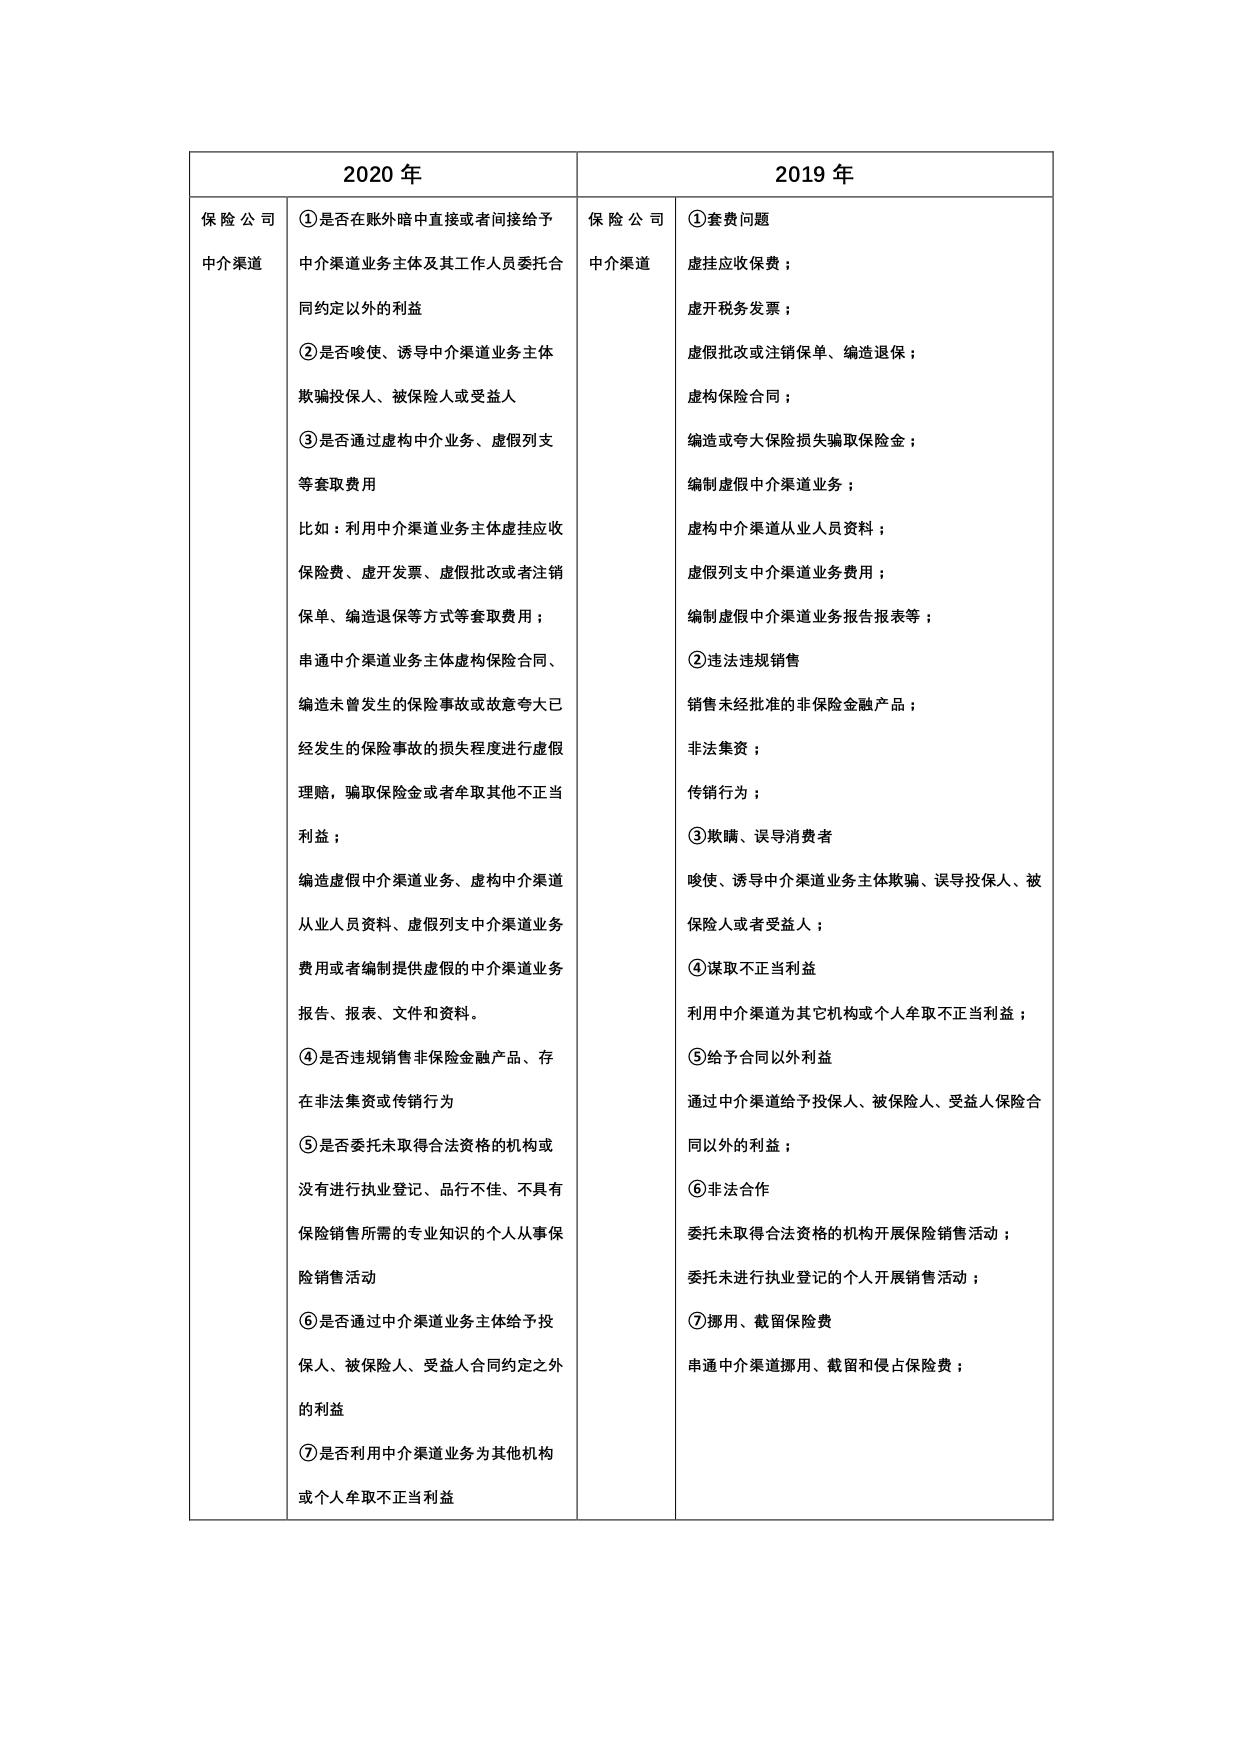 列举7类60项   银保监会下发2020保险中介乱象整治方案(附2019年对照表)